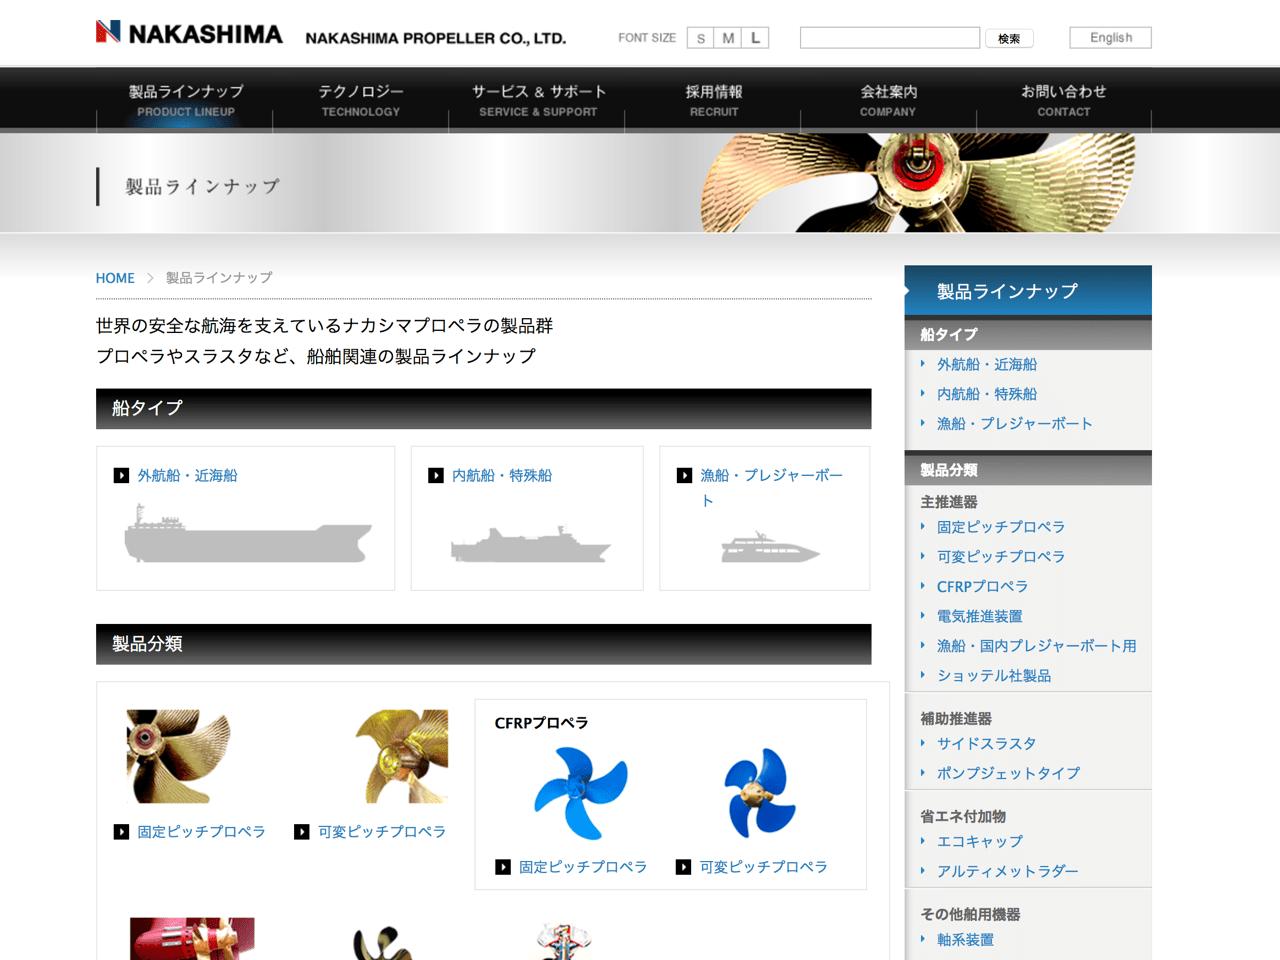 ナカシマプロペラ